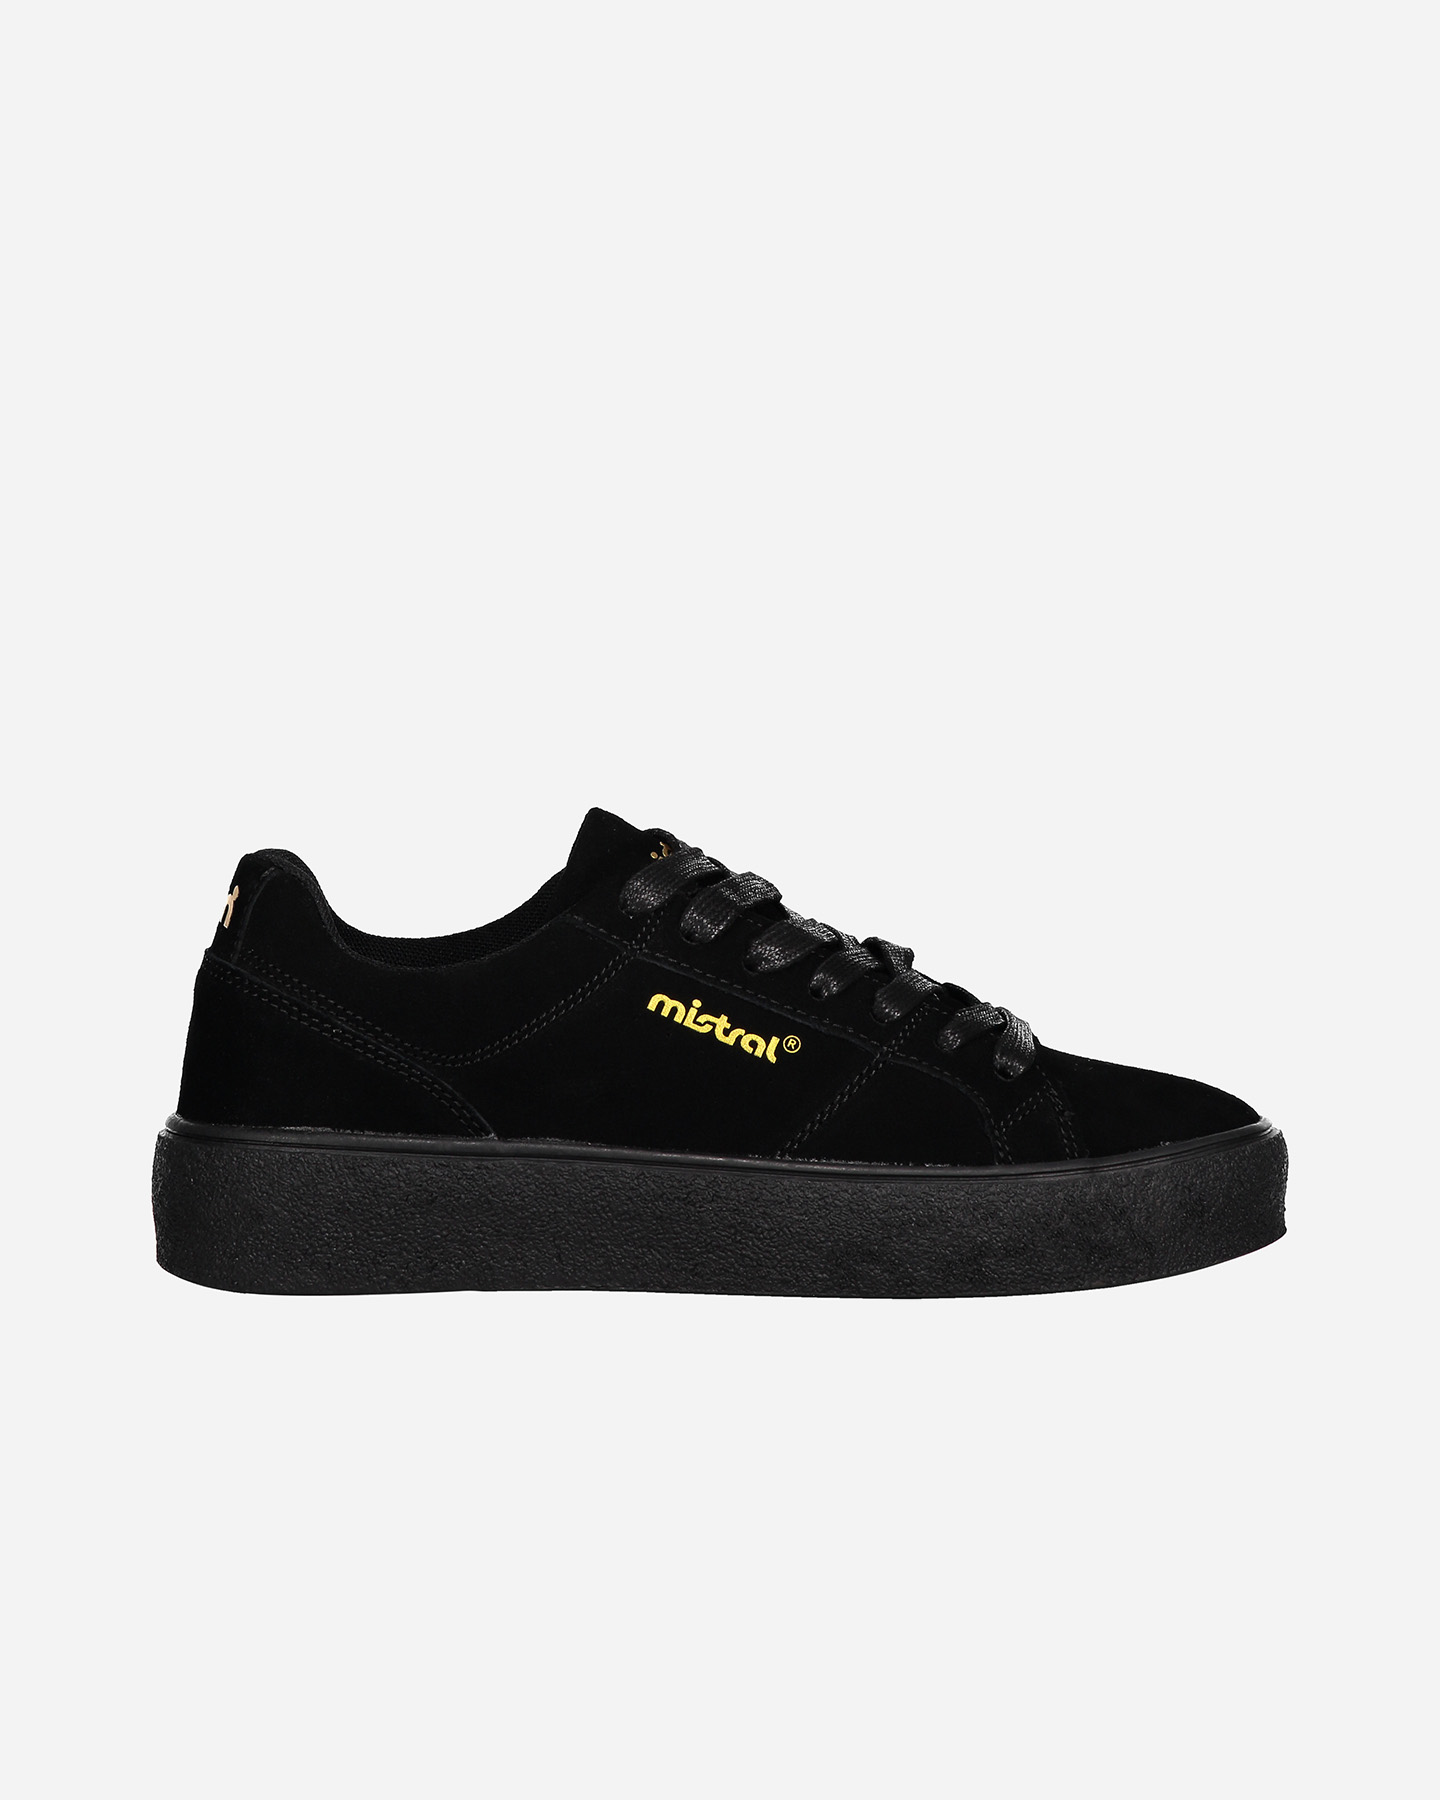 Mistral 010 0 Sport MI046FW18 su Sneakers Plat 2 W Scarpe Cisalfa rxwXraC 40275e72f50